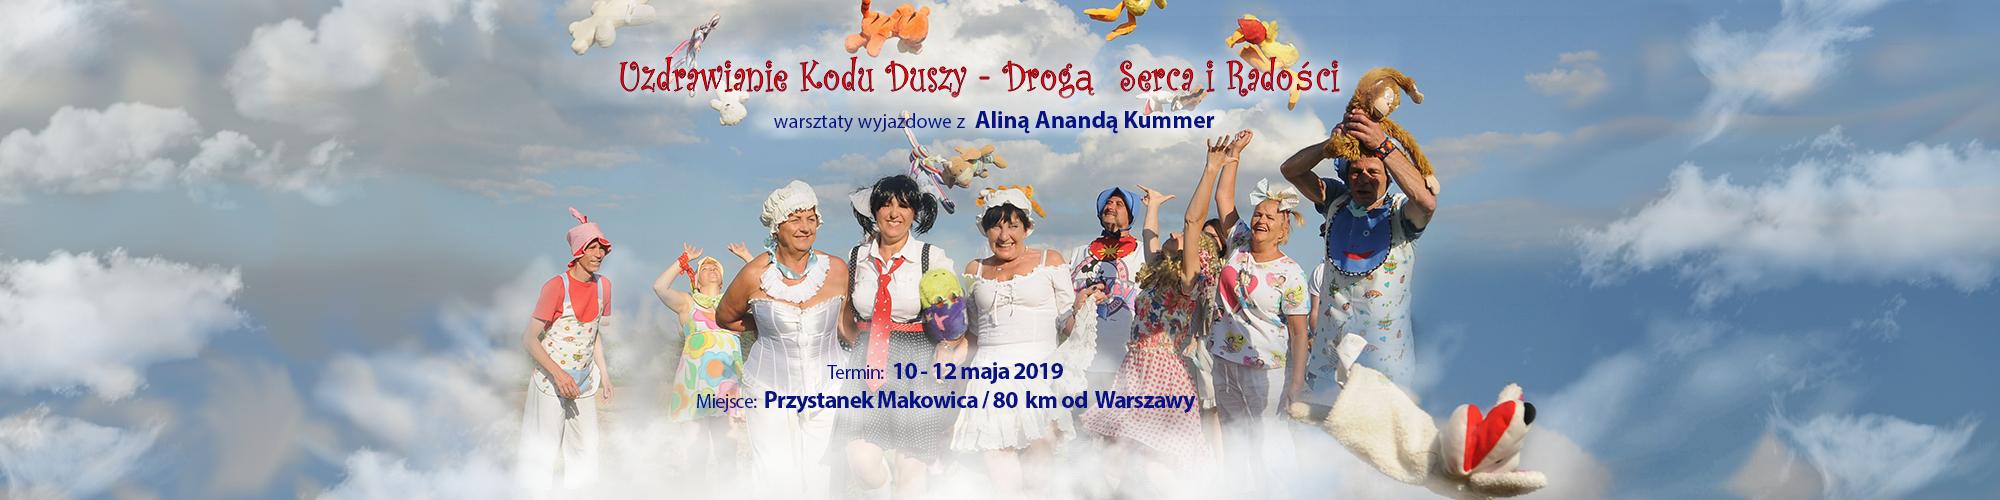 kodduszy-banner